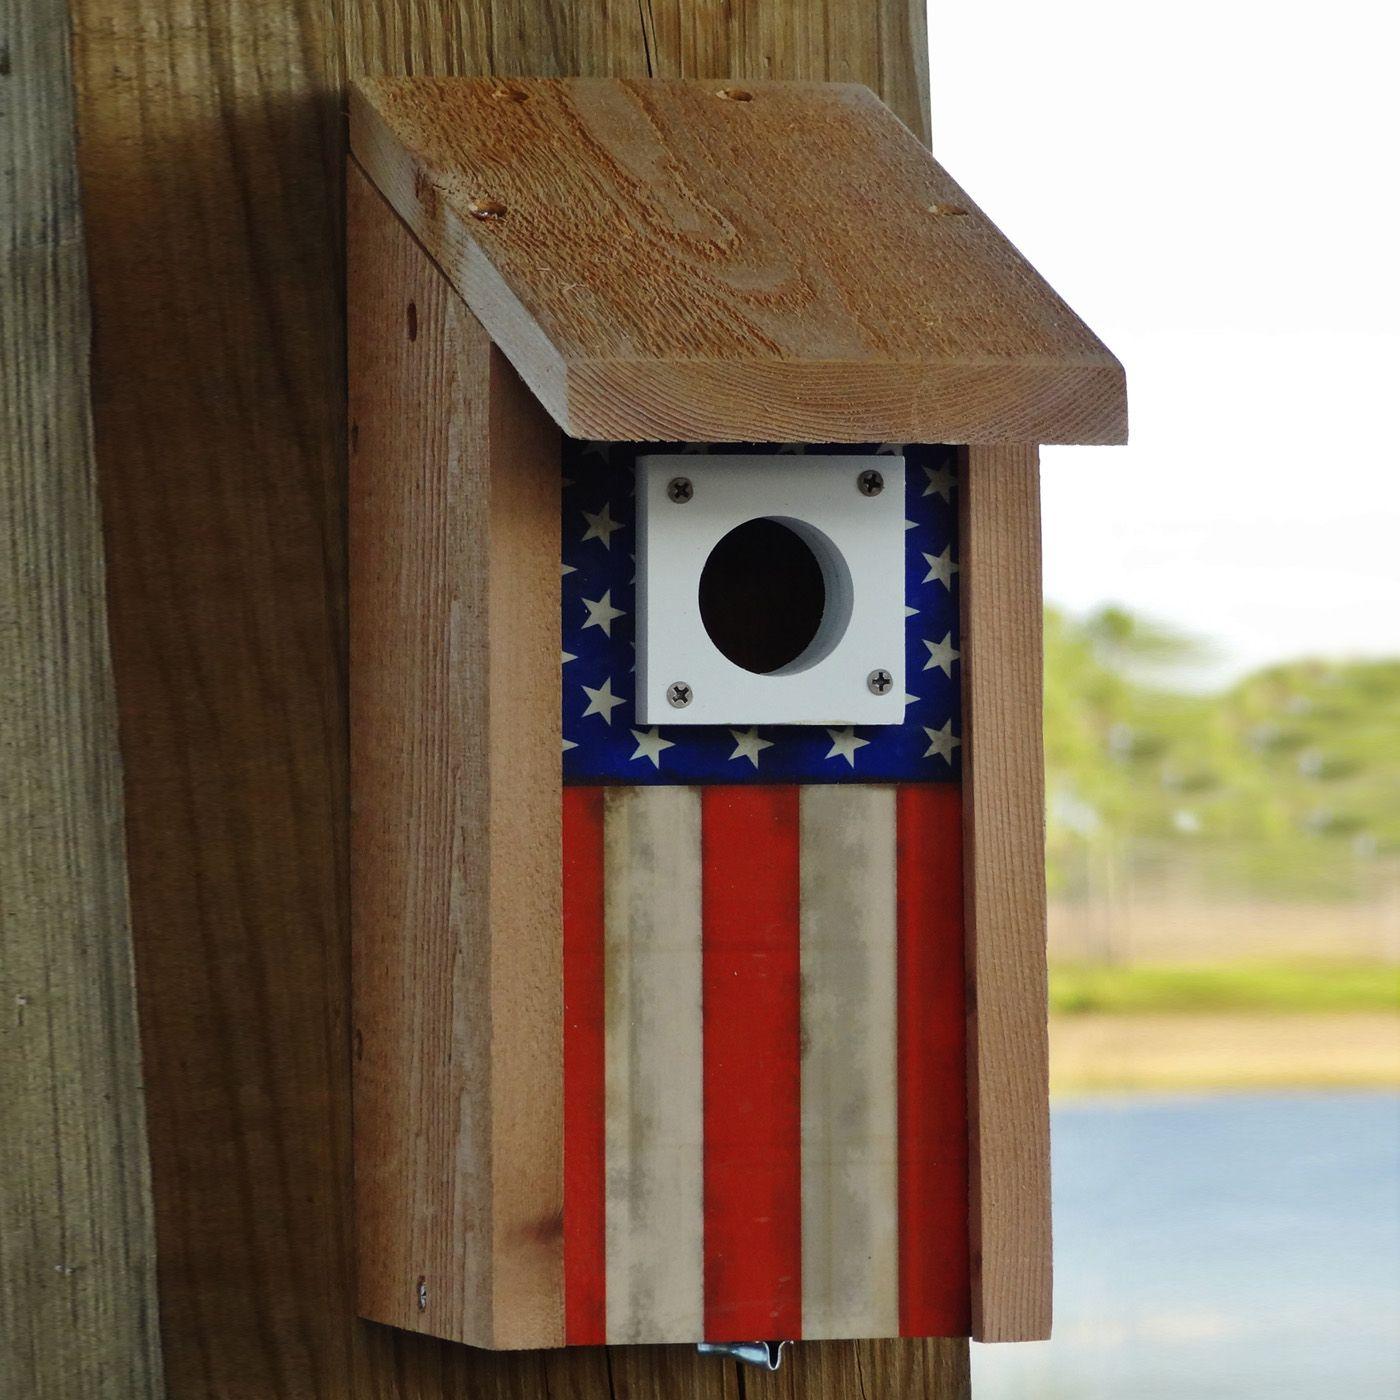 The Backyard Bird Company WA-CB-ANTIQUEFLAG Cedar Cabin Antique Flag ...